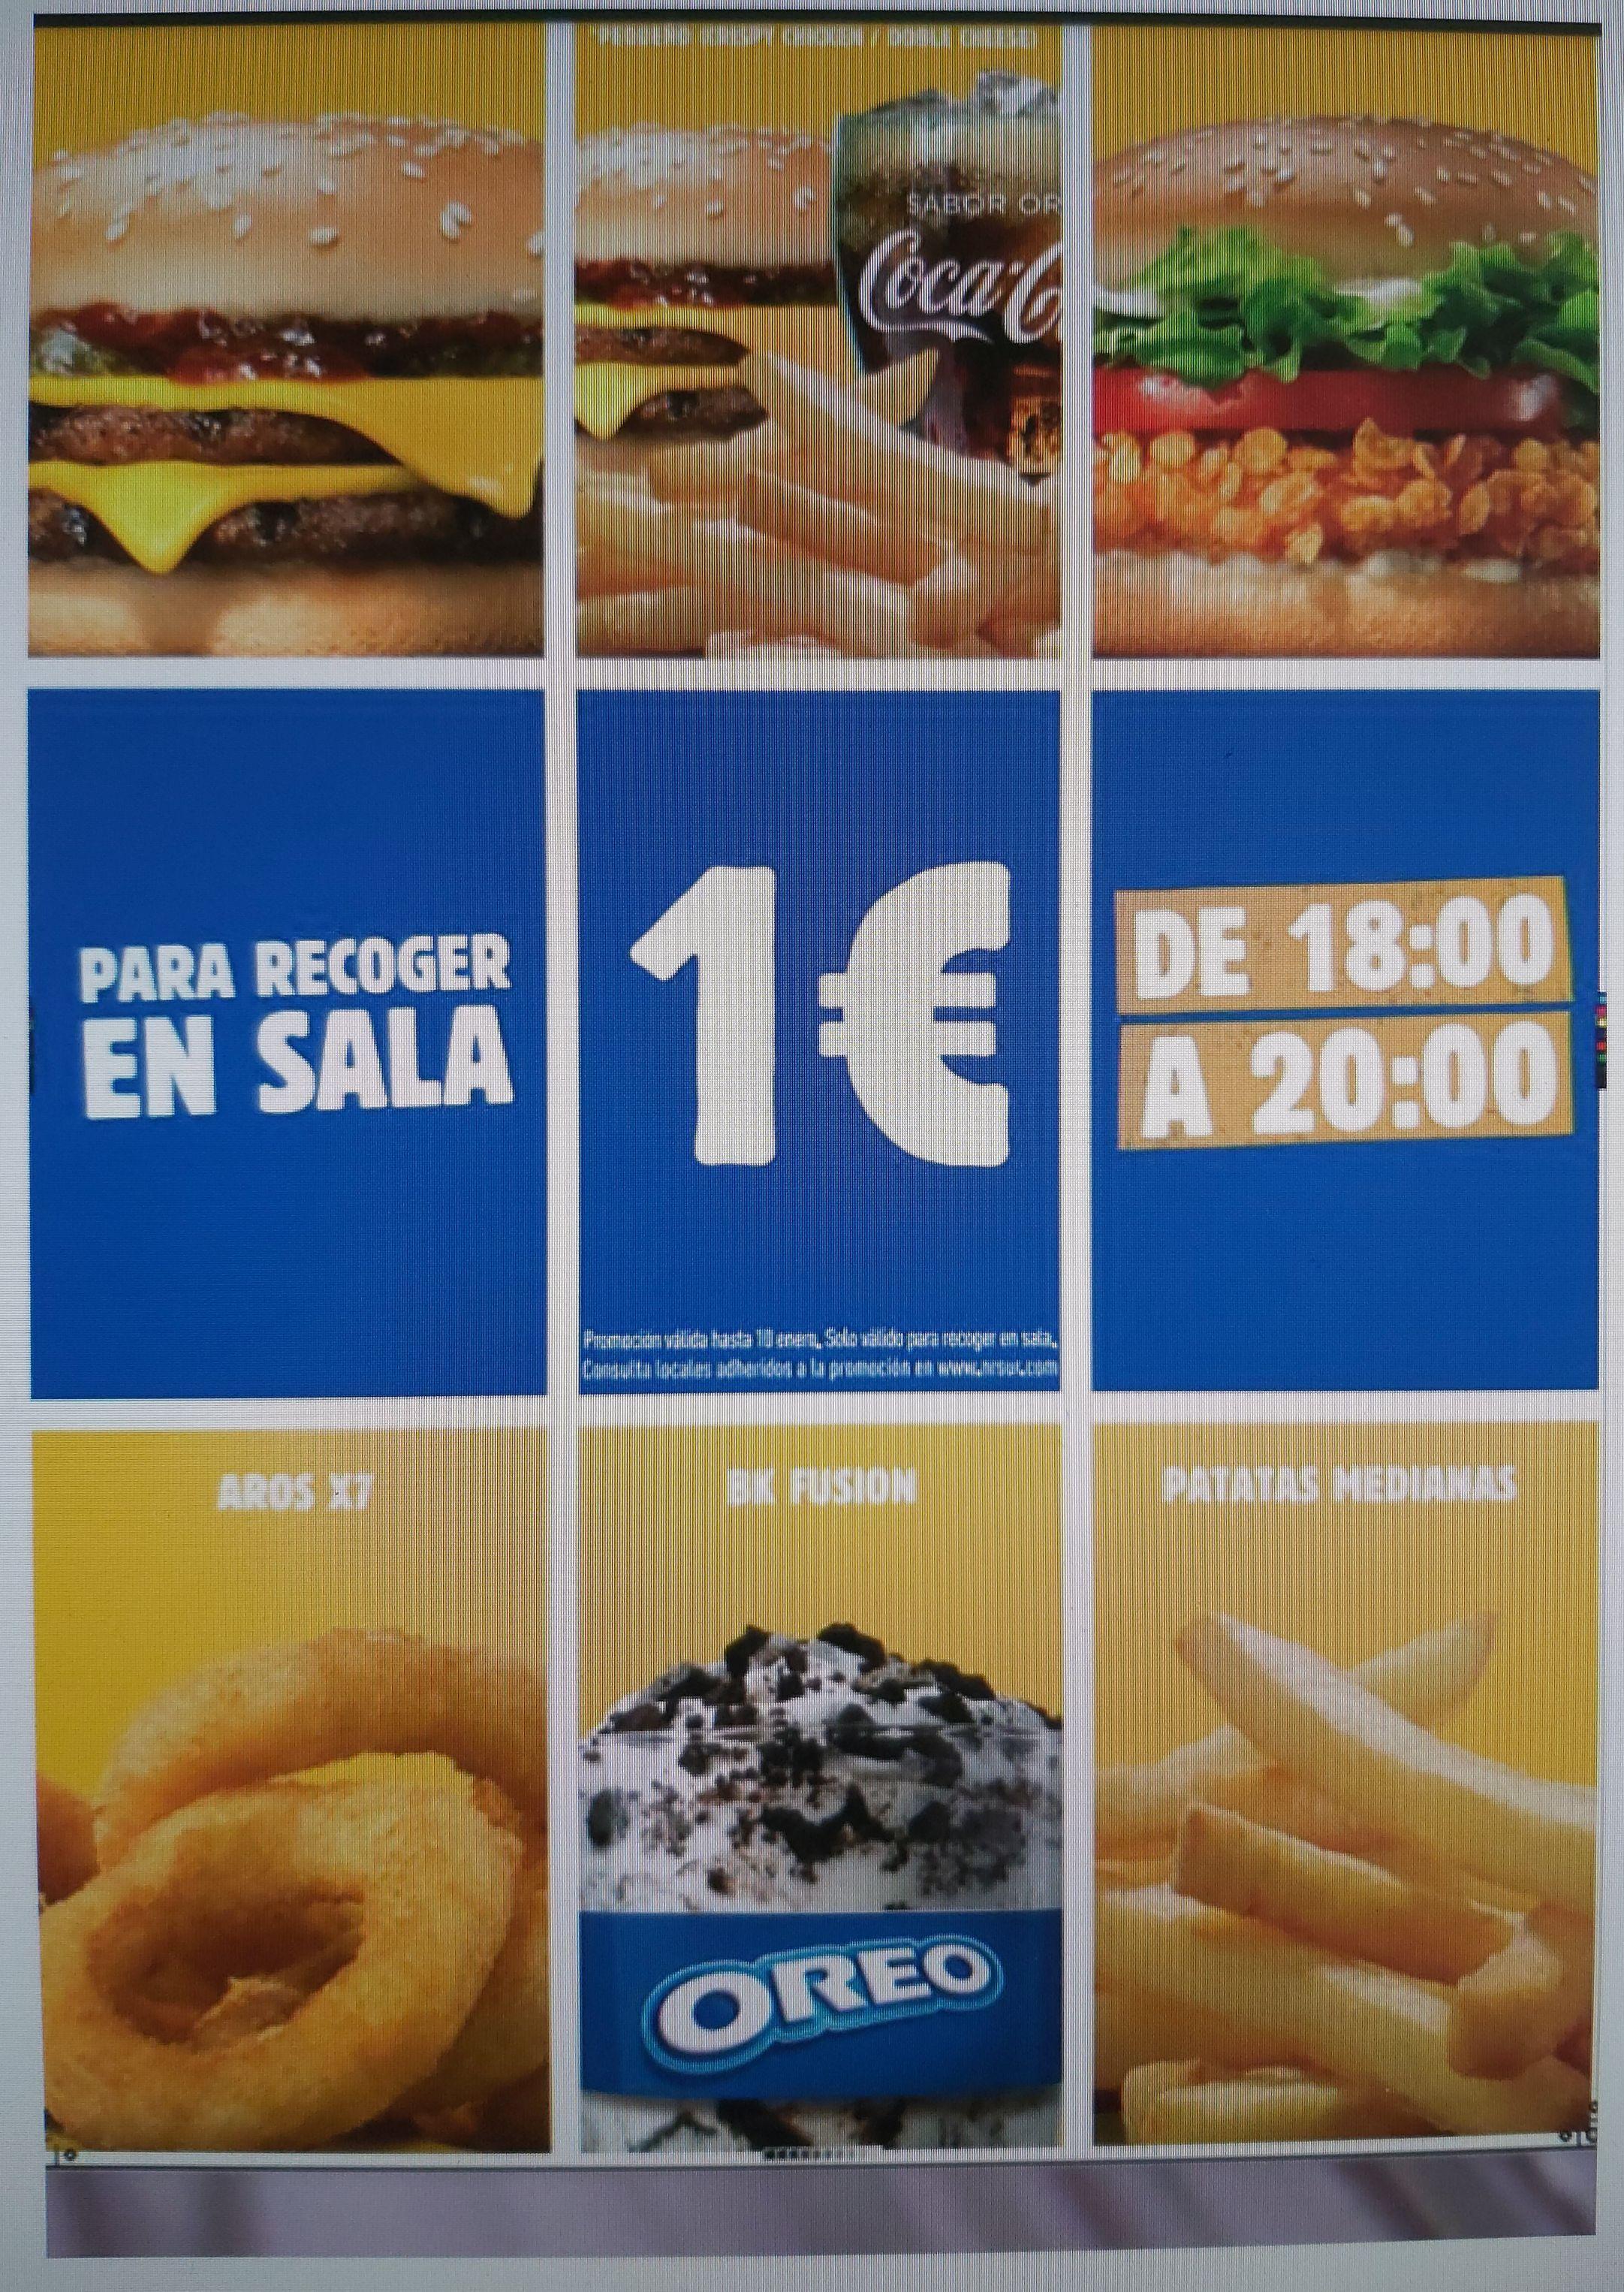 Meriendas Burger King